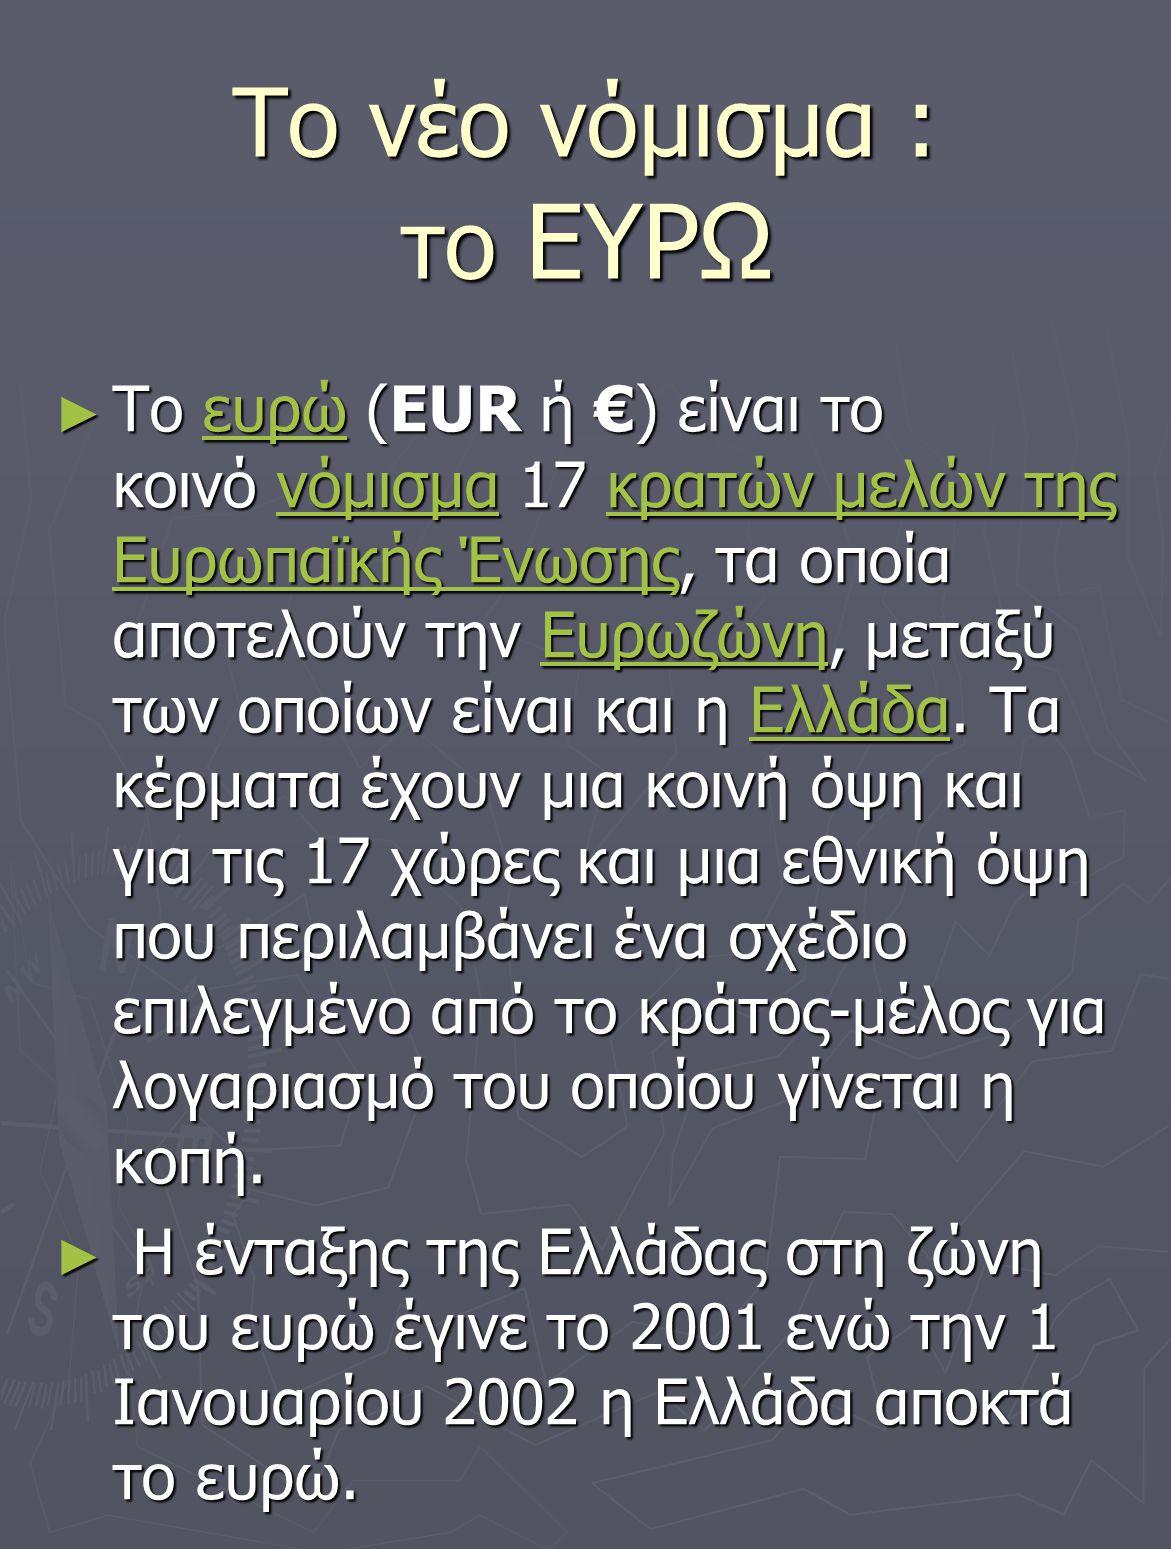 Το νέο νόμισμα : το ΕΥΡΩ ► To ευρώ (EUR ή €) είναι το κοινό νόμισμα 17 κρατών μελών της Ευρωπαϊκής Ένωσης, τα οποία αποτελούν την Ευρωζώνη, μεταξύ των